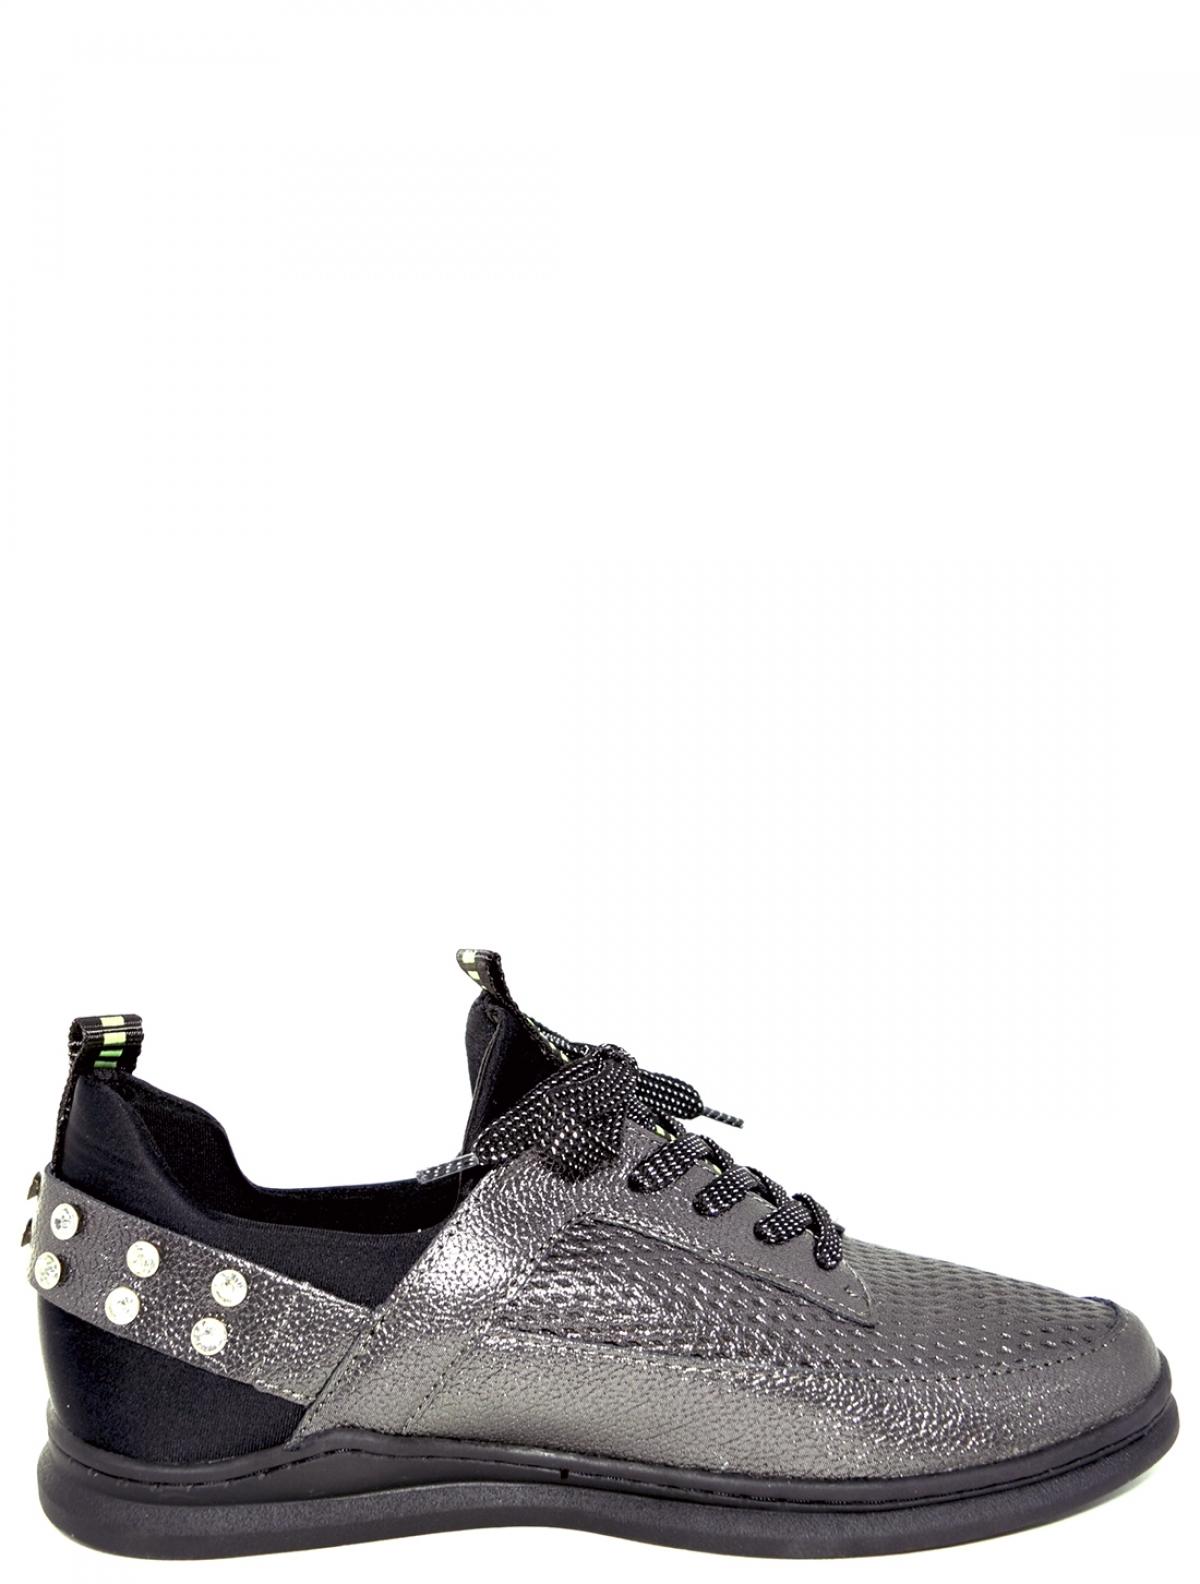 Admlis Y168 женские туфли